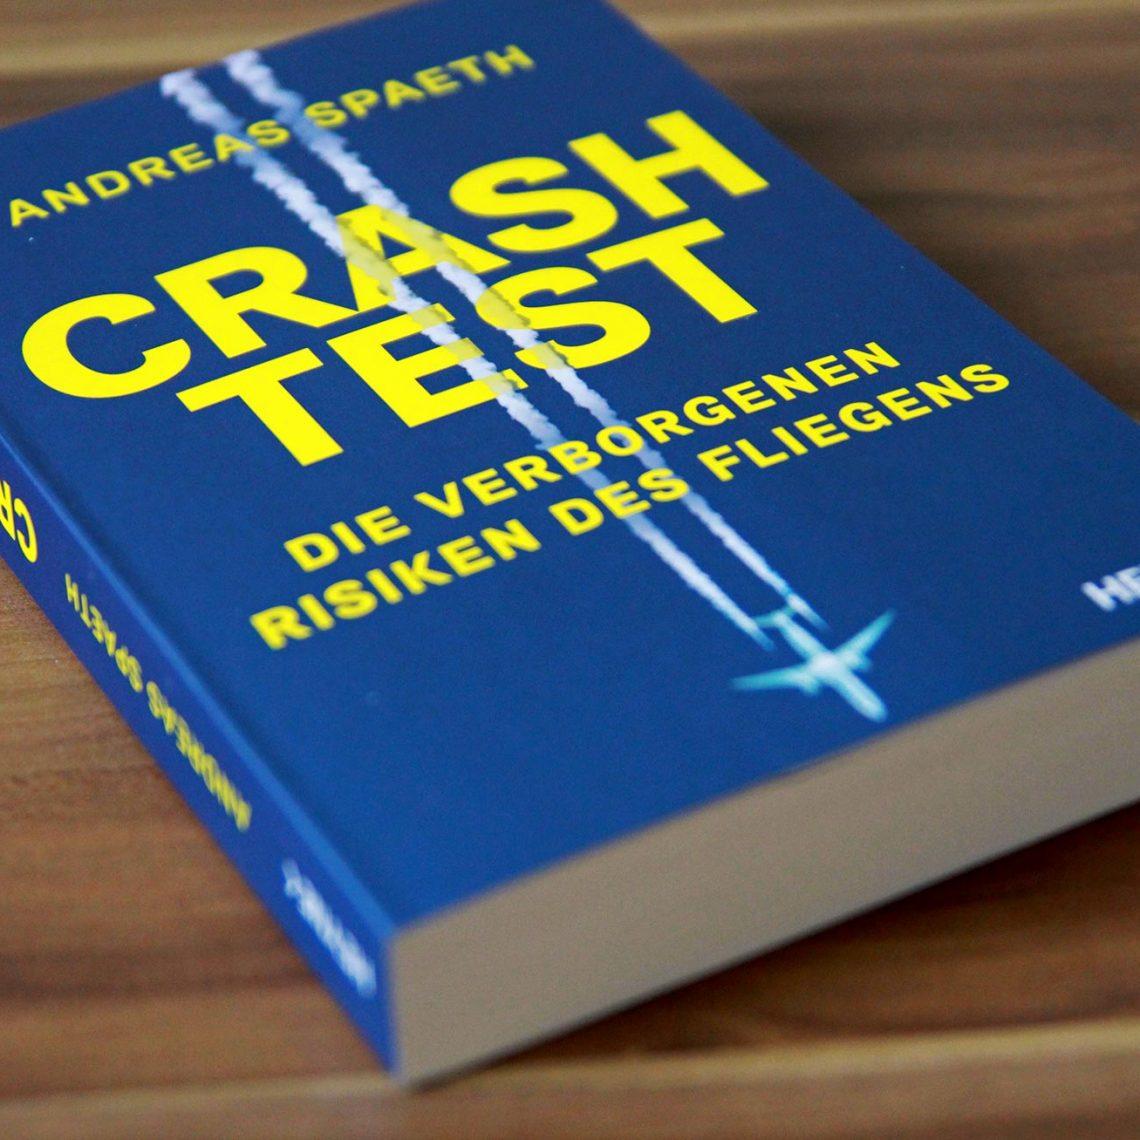 """288 Seiten dick und im Paperback gebunden: """"Crashtest"""" von Adreas Spaeth aus dem Heyne Verlag."""